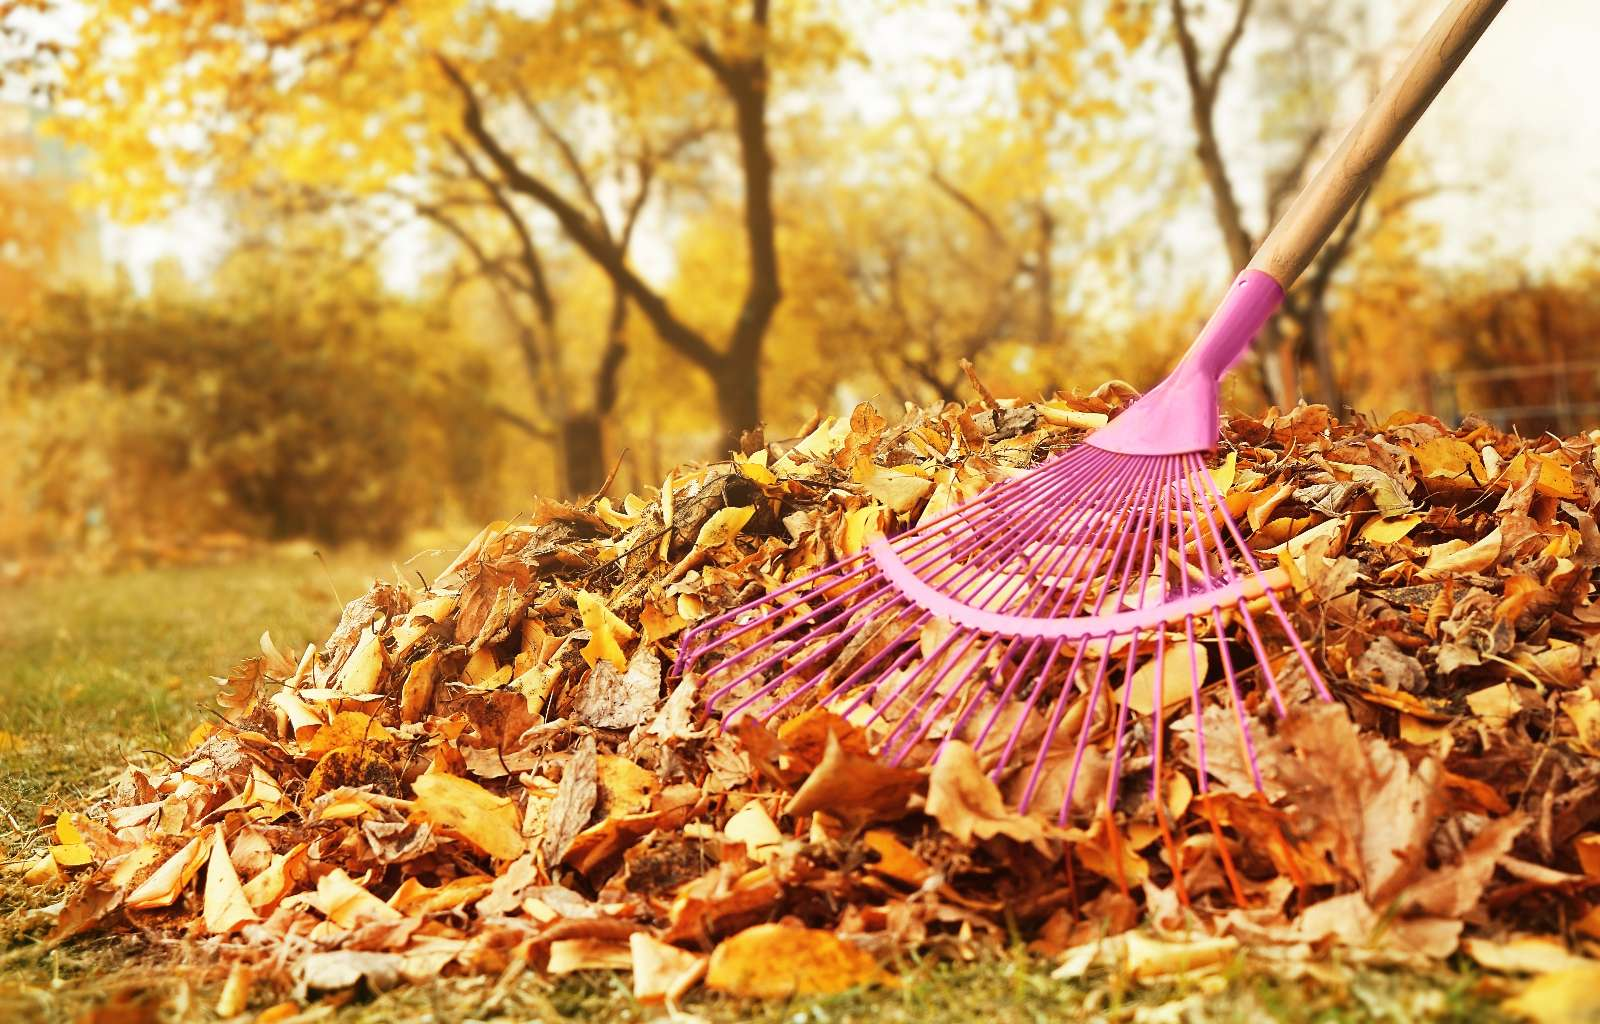 Gartenpflege im Herbst: die wichtigsten Arbeiten